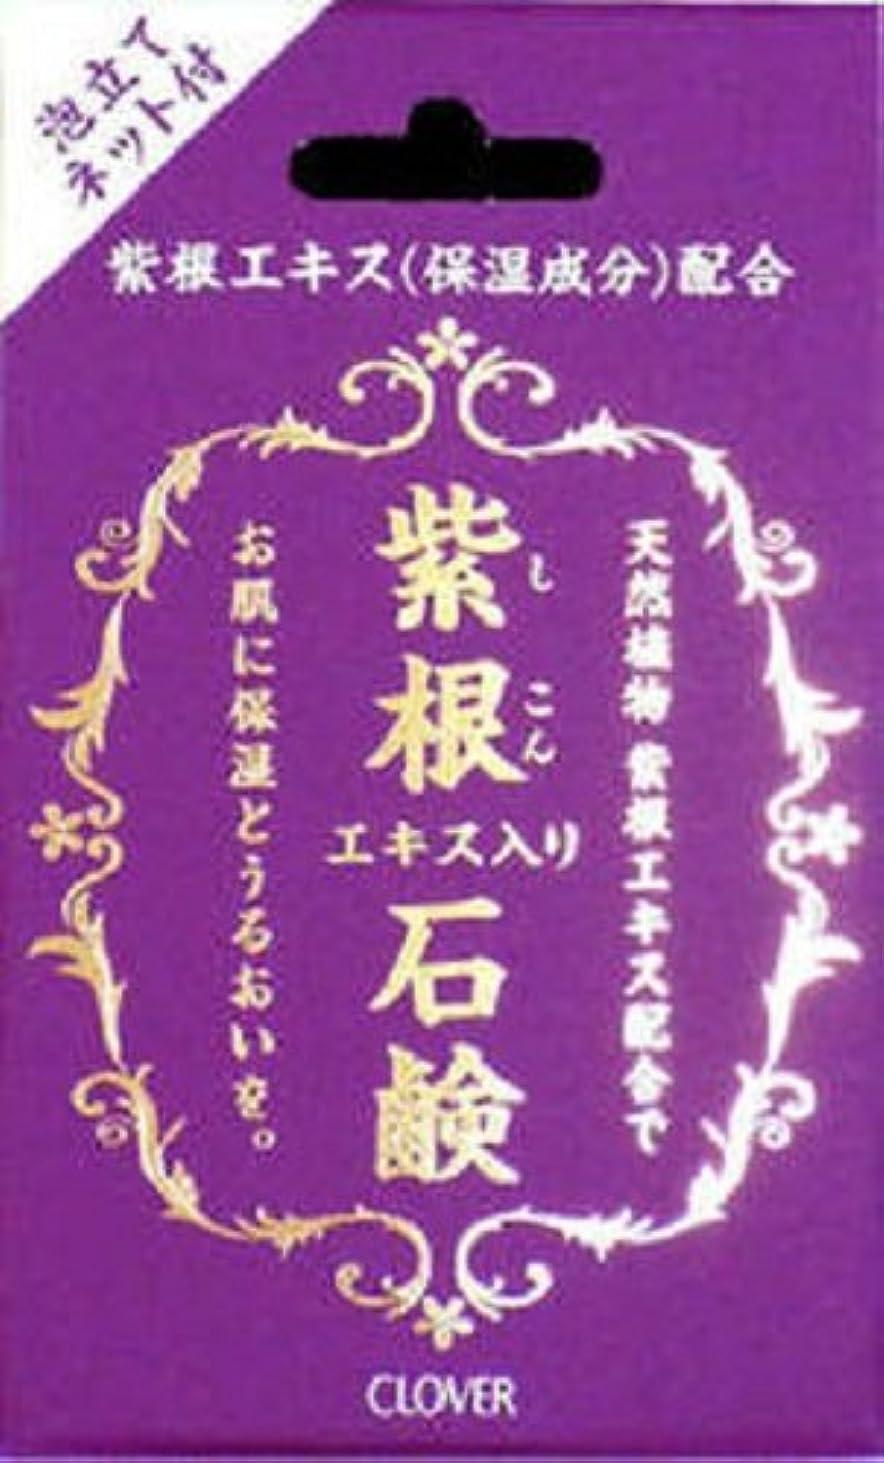 紫根エキス配合石鹸